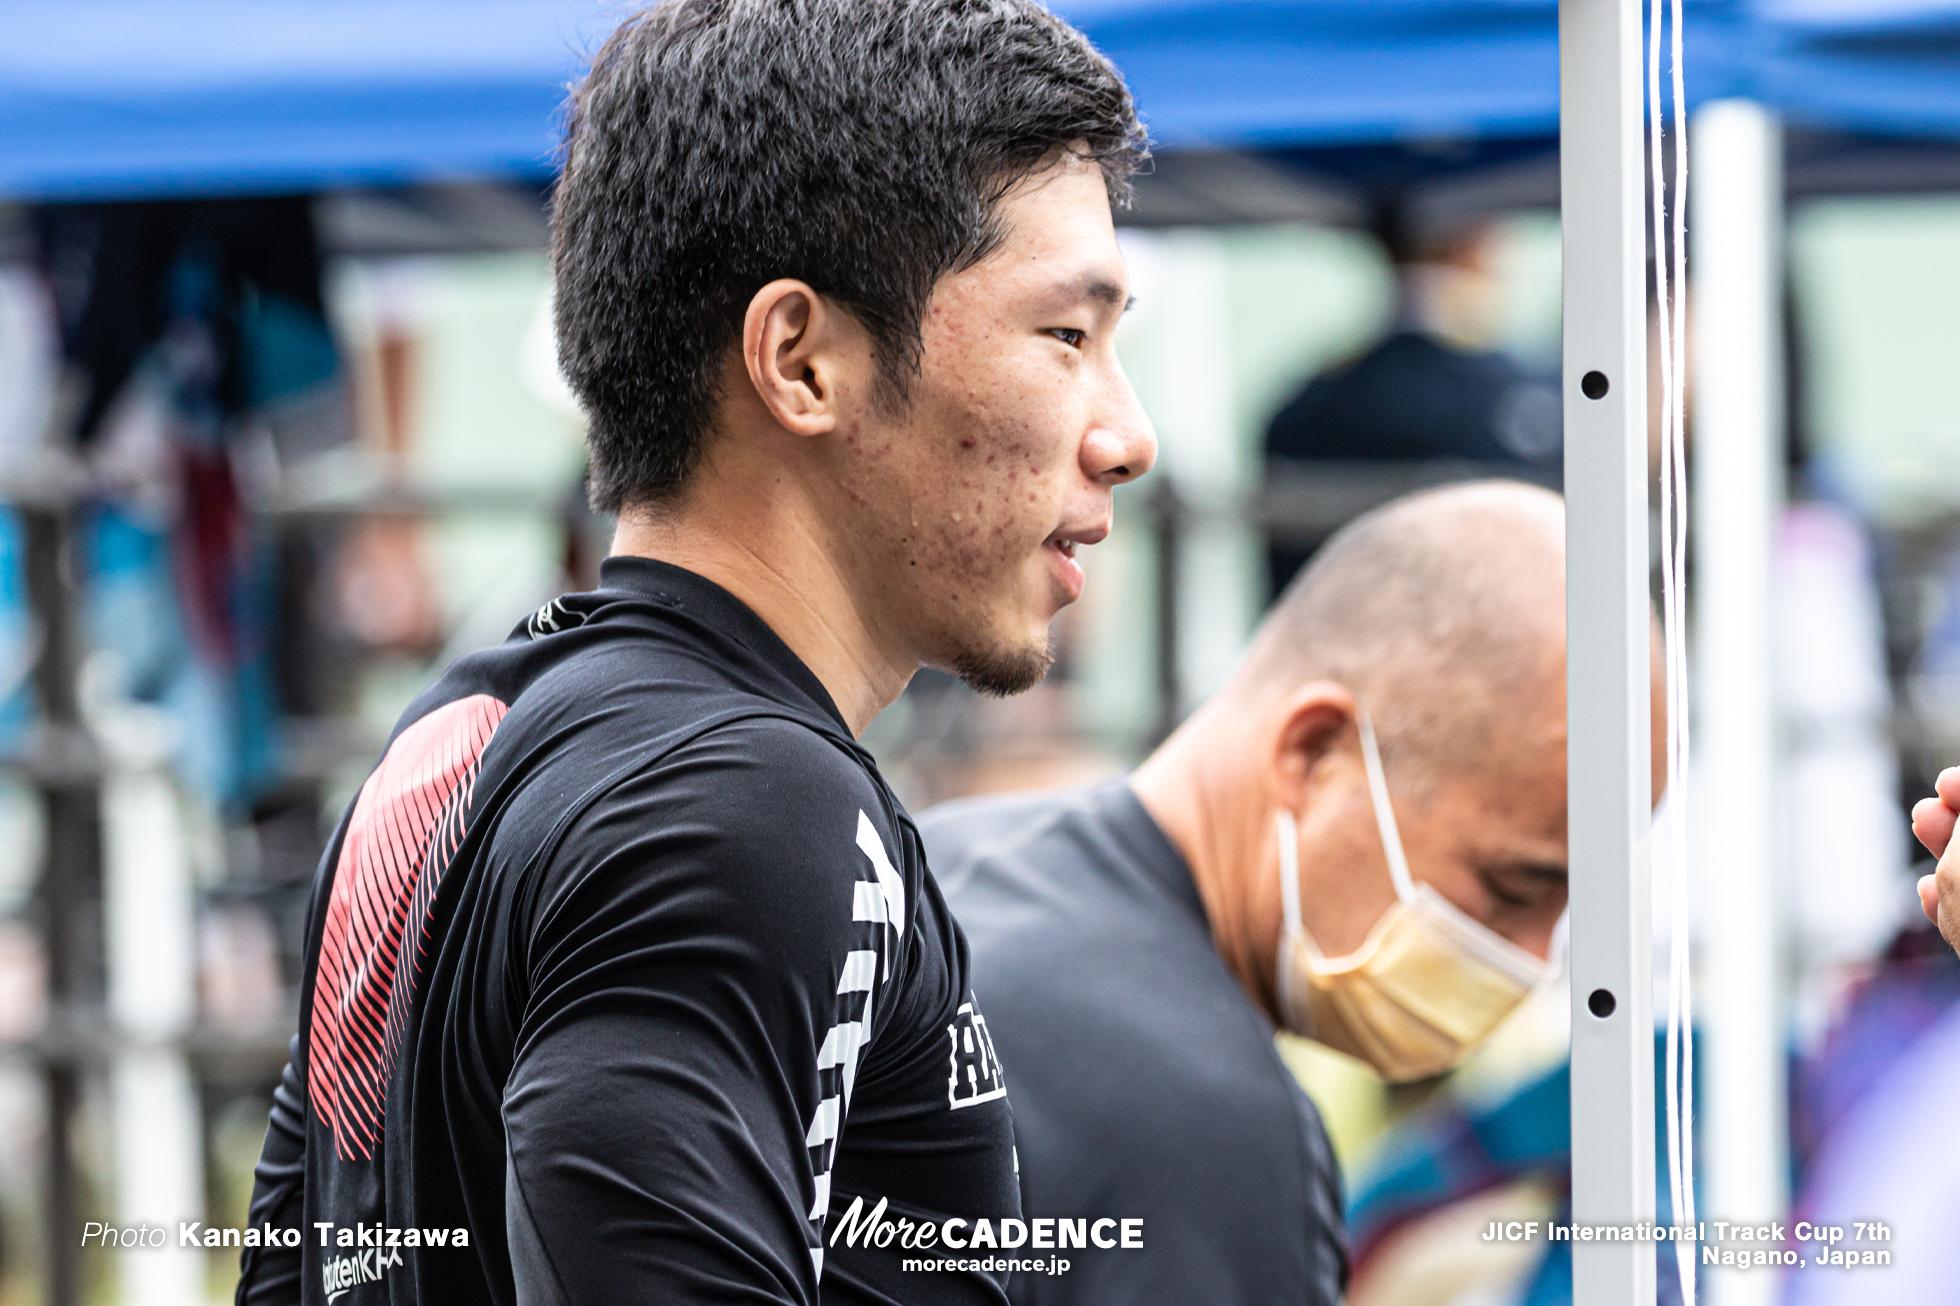 寺崎浩平 男子ケイリン 決勝 第7回全日本学生選手権オムニアム